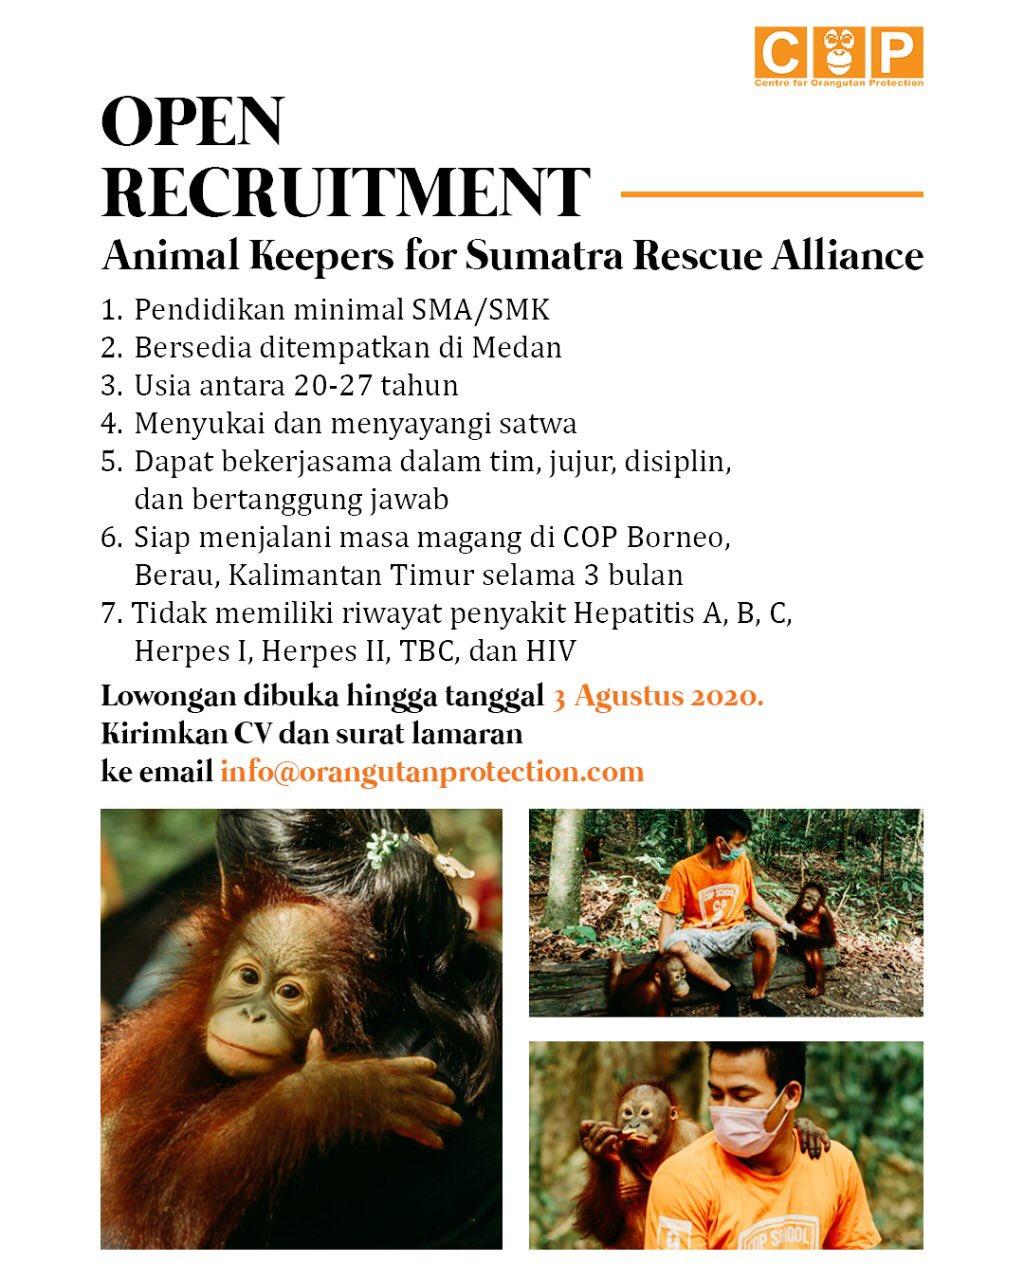 Lowongan perawat orangutan